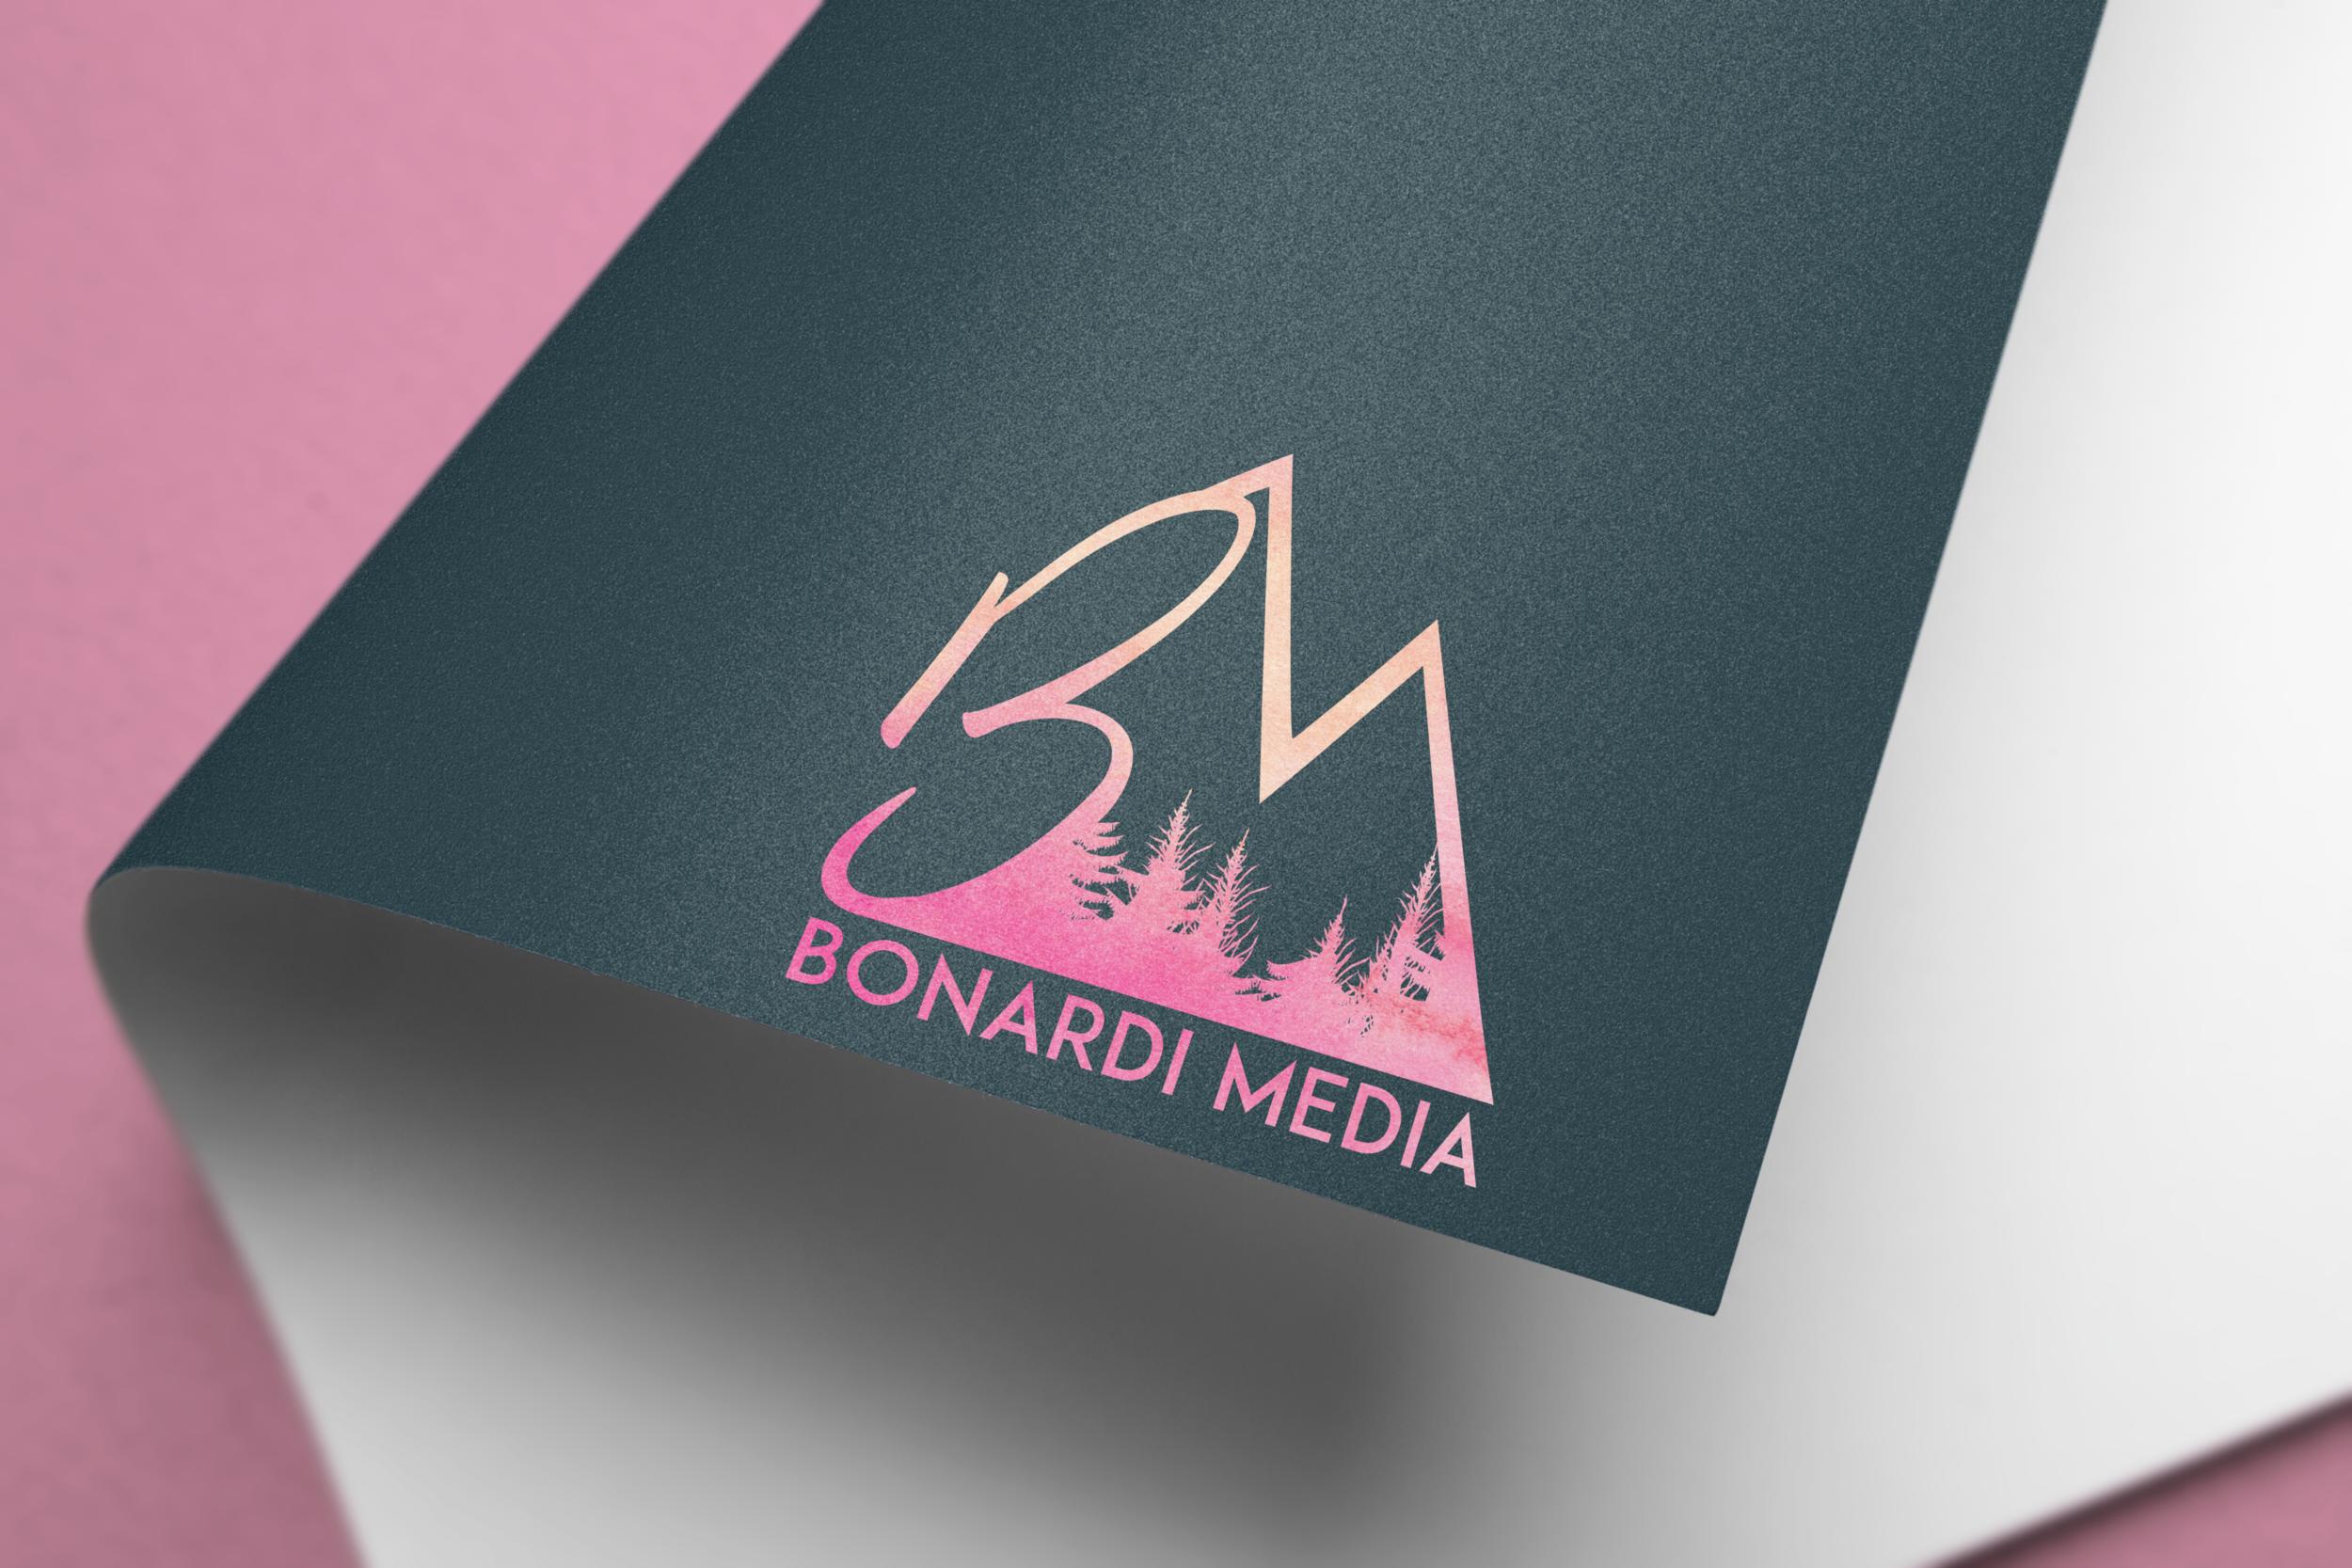 Bonardimedia-logomock up.png